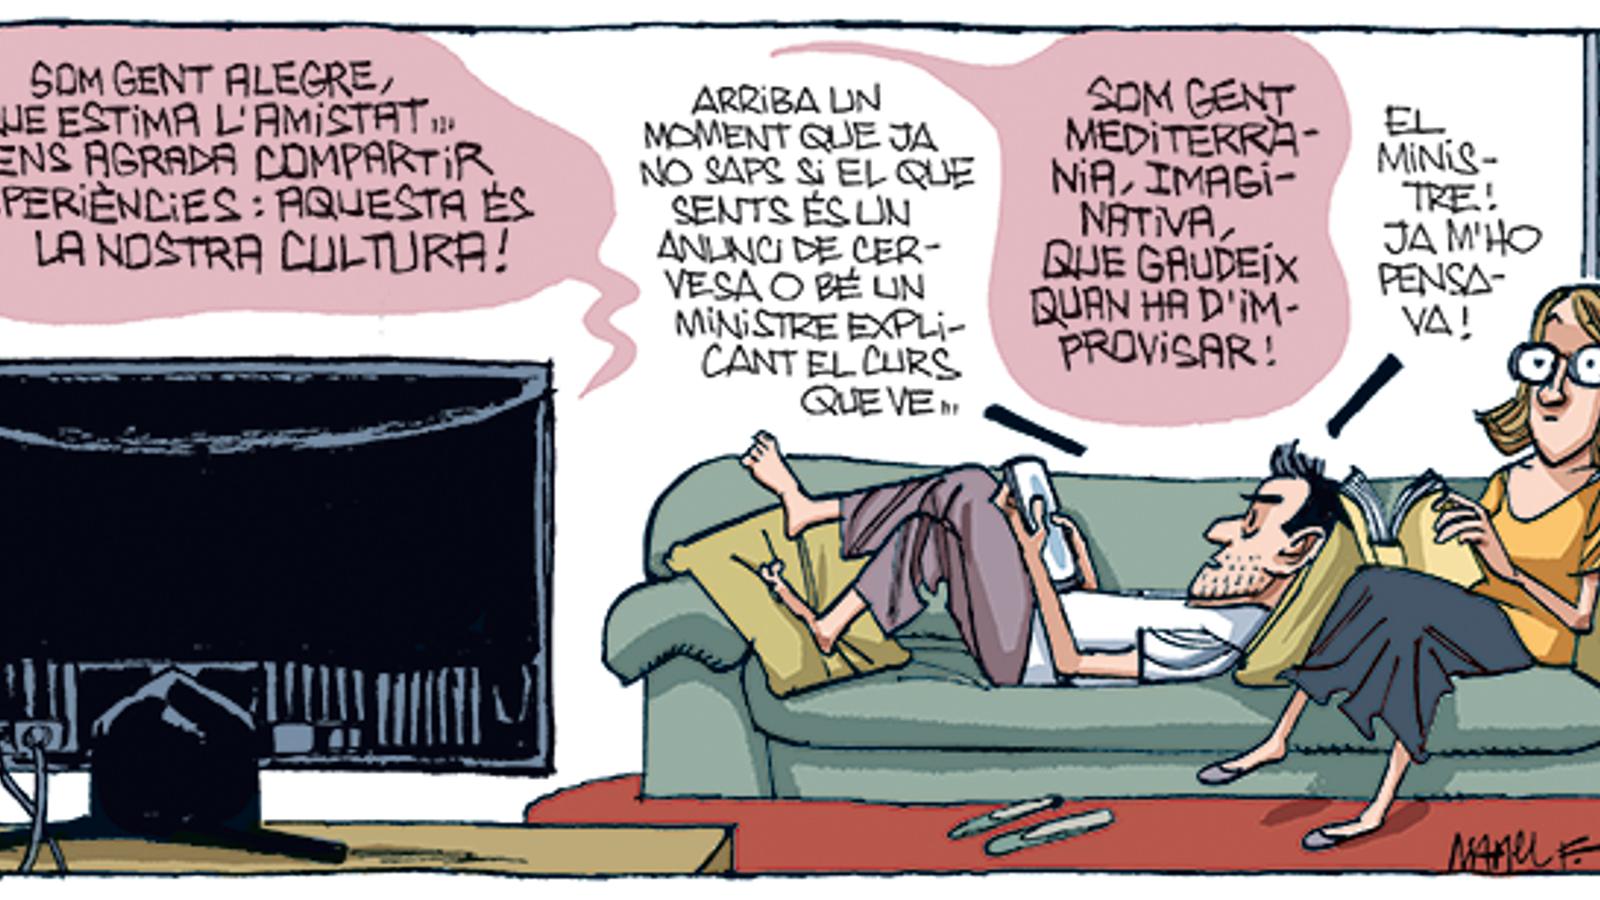 'A la contra', per Fontdevila 29/08/2020